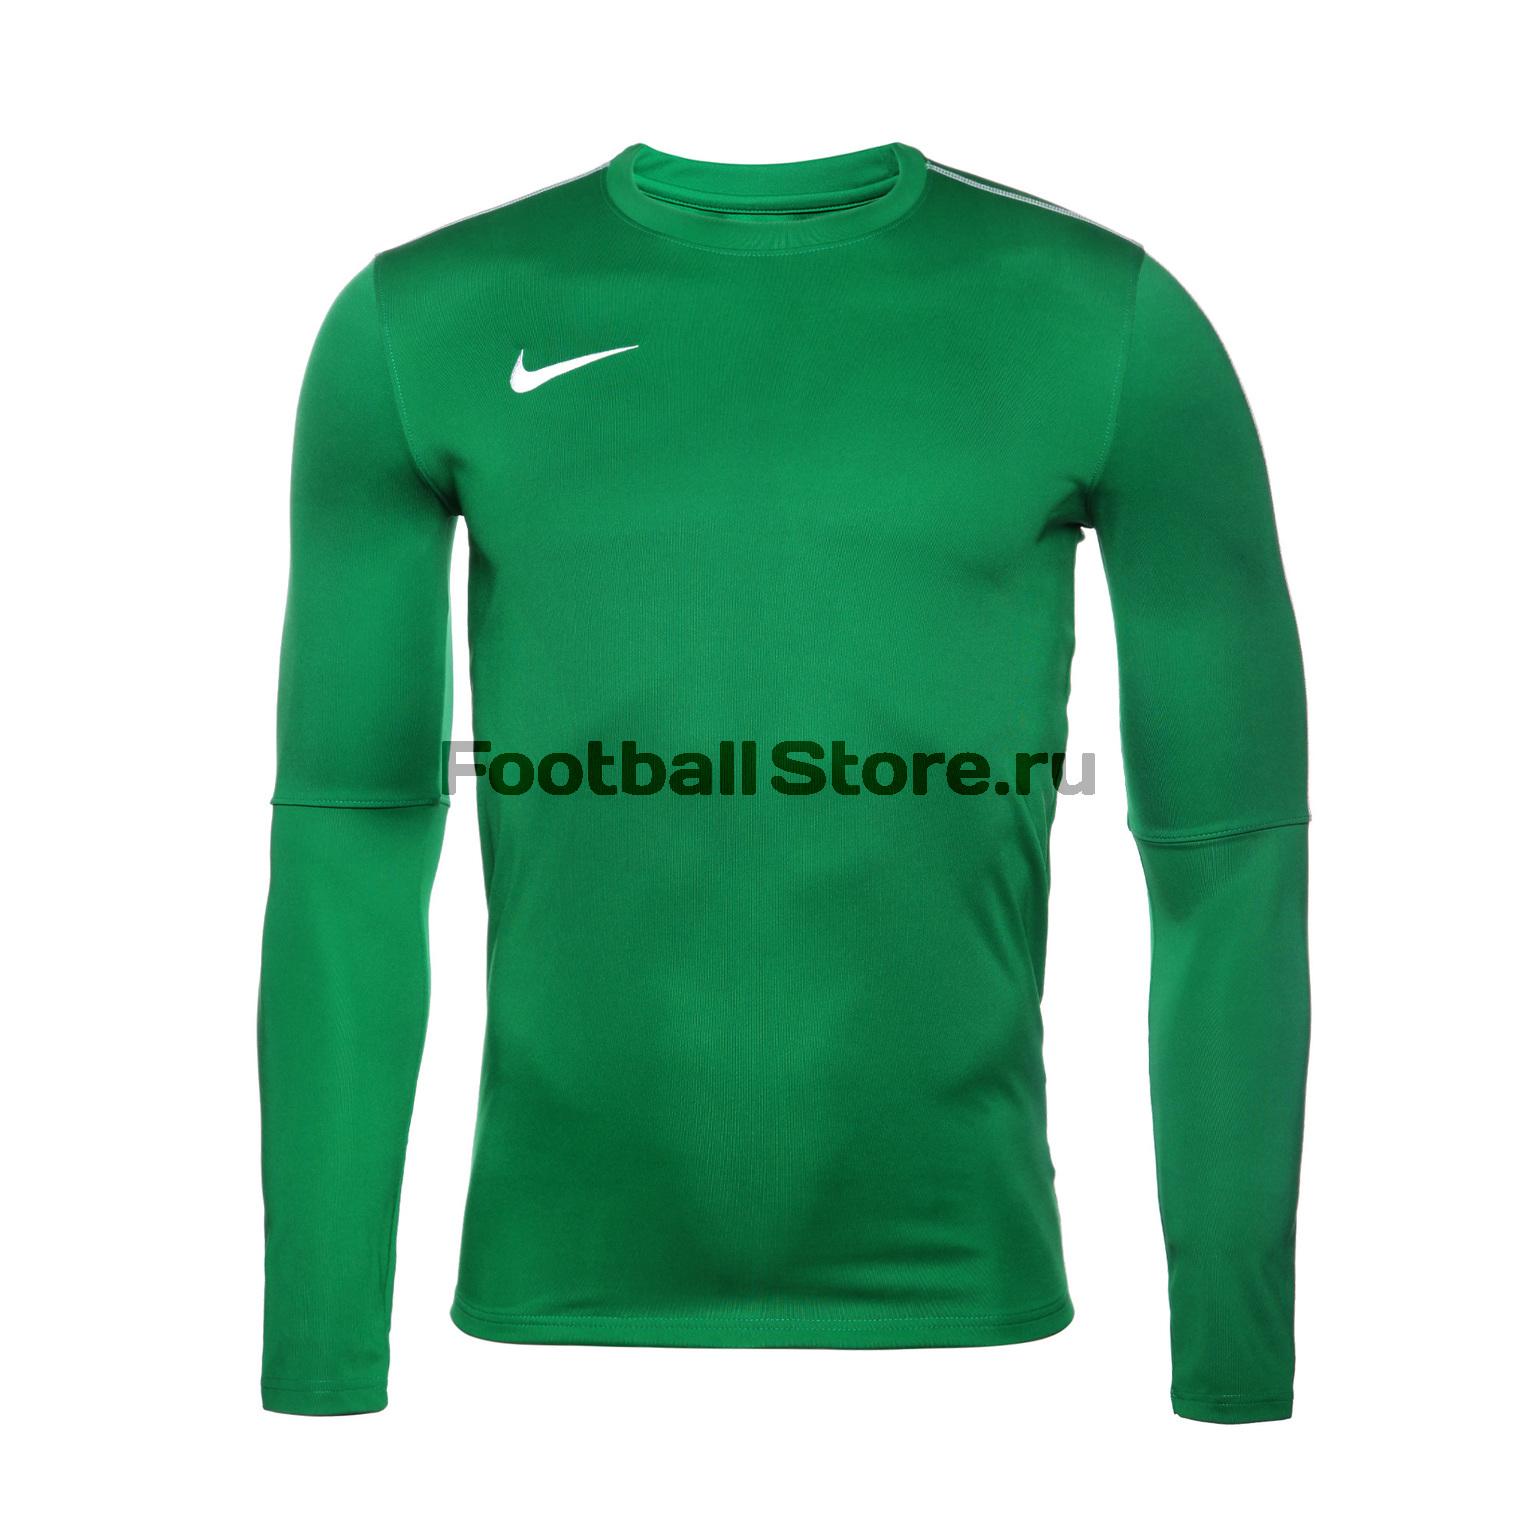 Свитер тренировочный Nike Dry Park18 Crew Top AA2088-302 цена